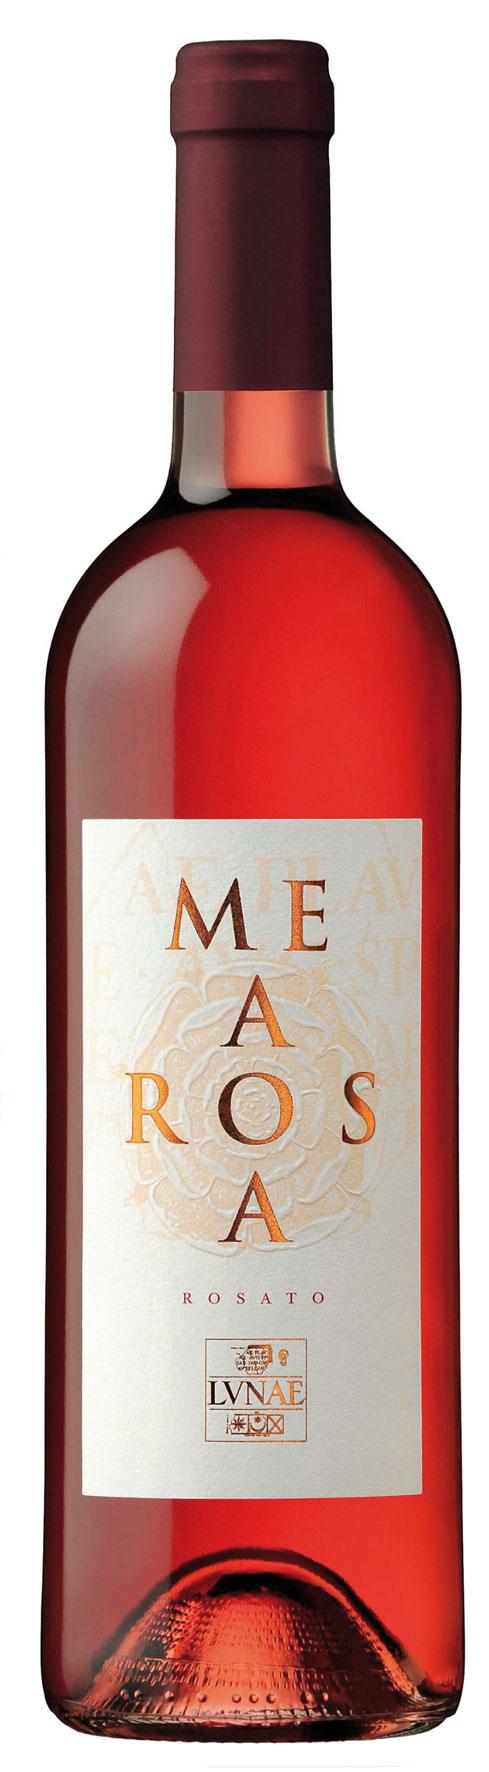 Lunae Mea Rosa 2019